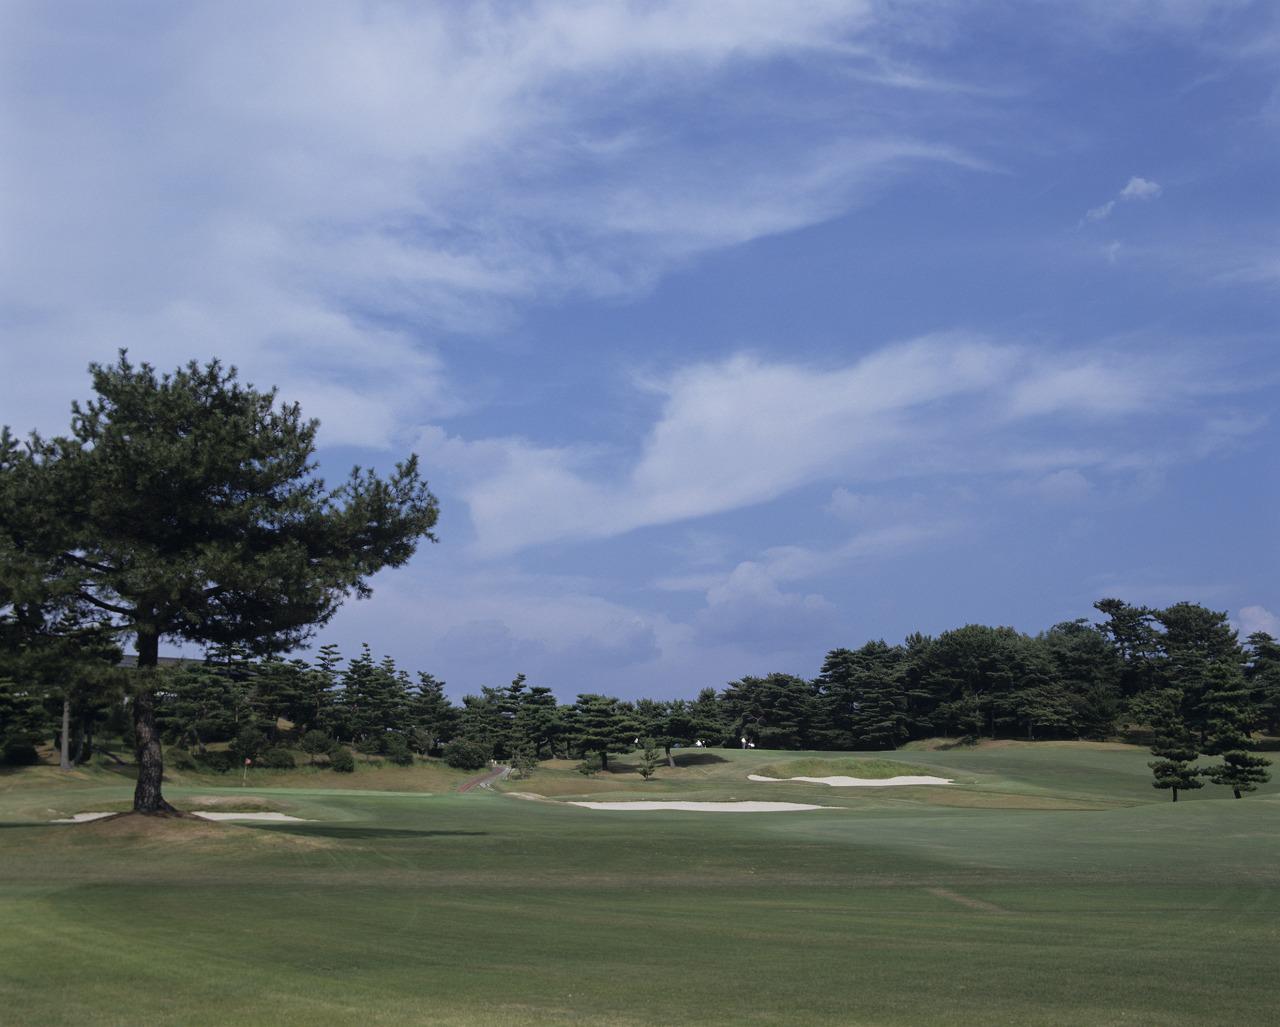 Images : 1番目の画像 - 「中部大会 9/14(月) 愛知カンツリー倶楽部」のアルバム - SRIXON cup ゴルフダイジェスト 全日本ダブルスゴルフ選手権